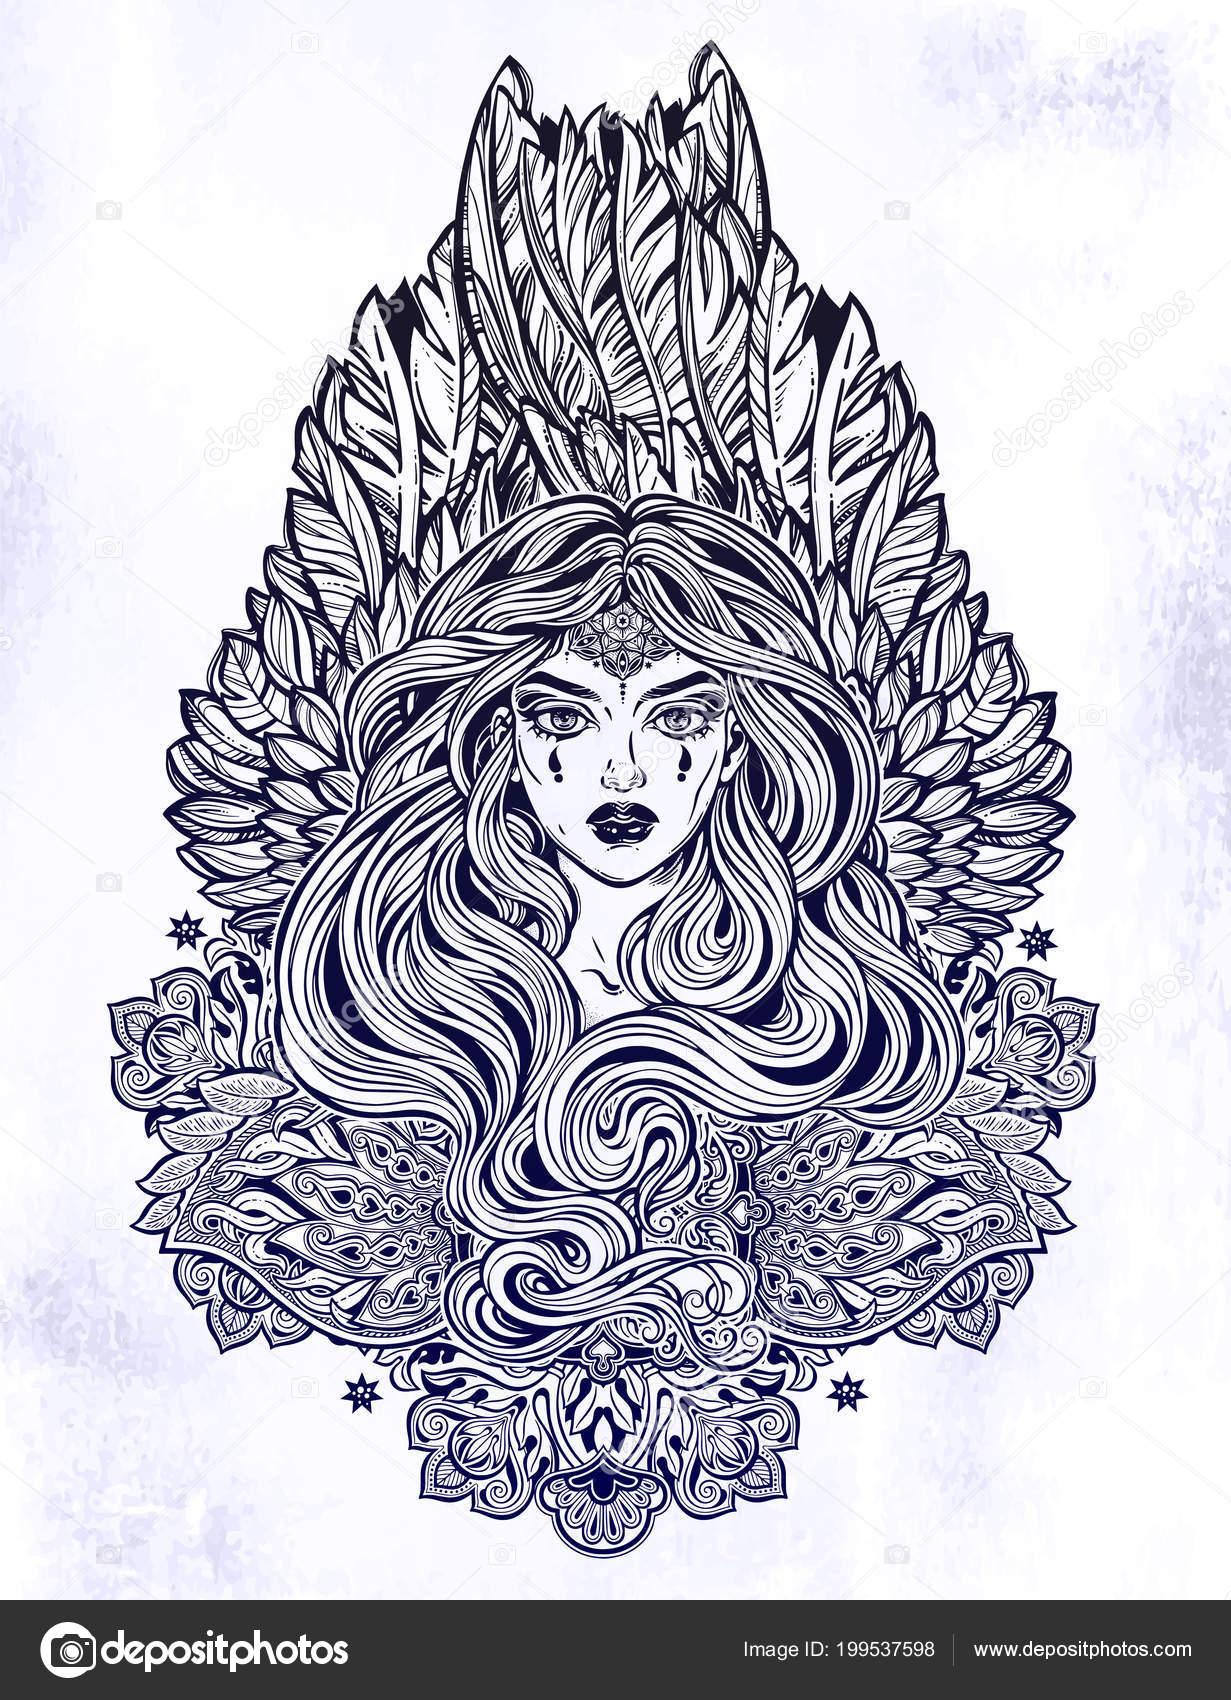 Melek Kanatları Ve Uzun Saç Ve Süslü Dekorasyon Sihirli Kadınla